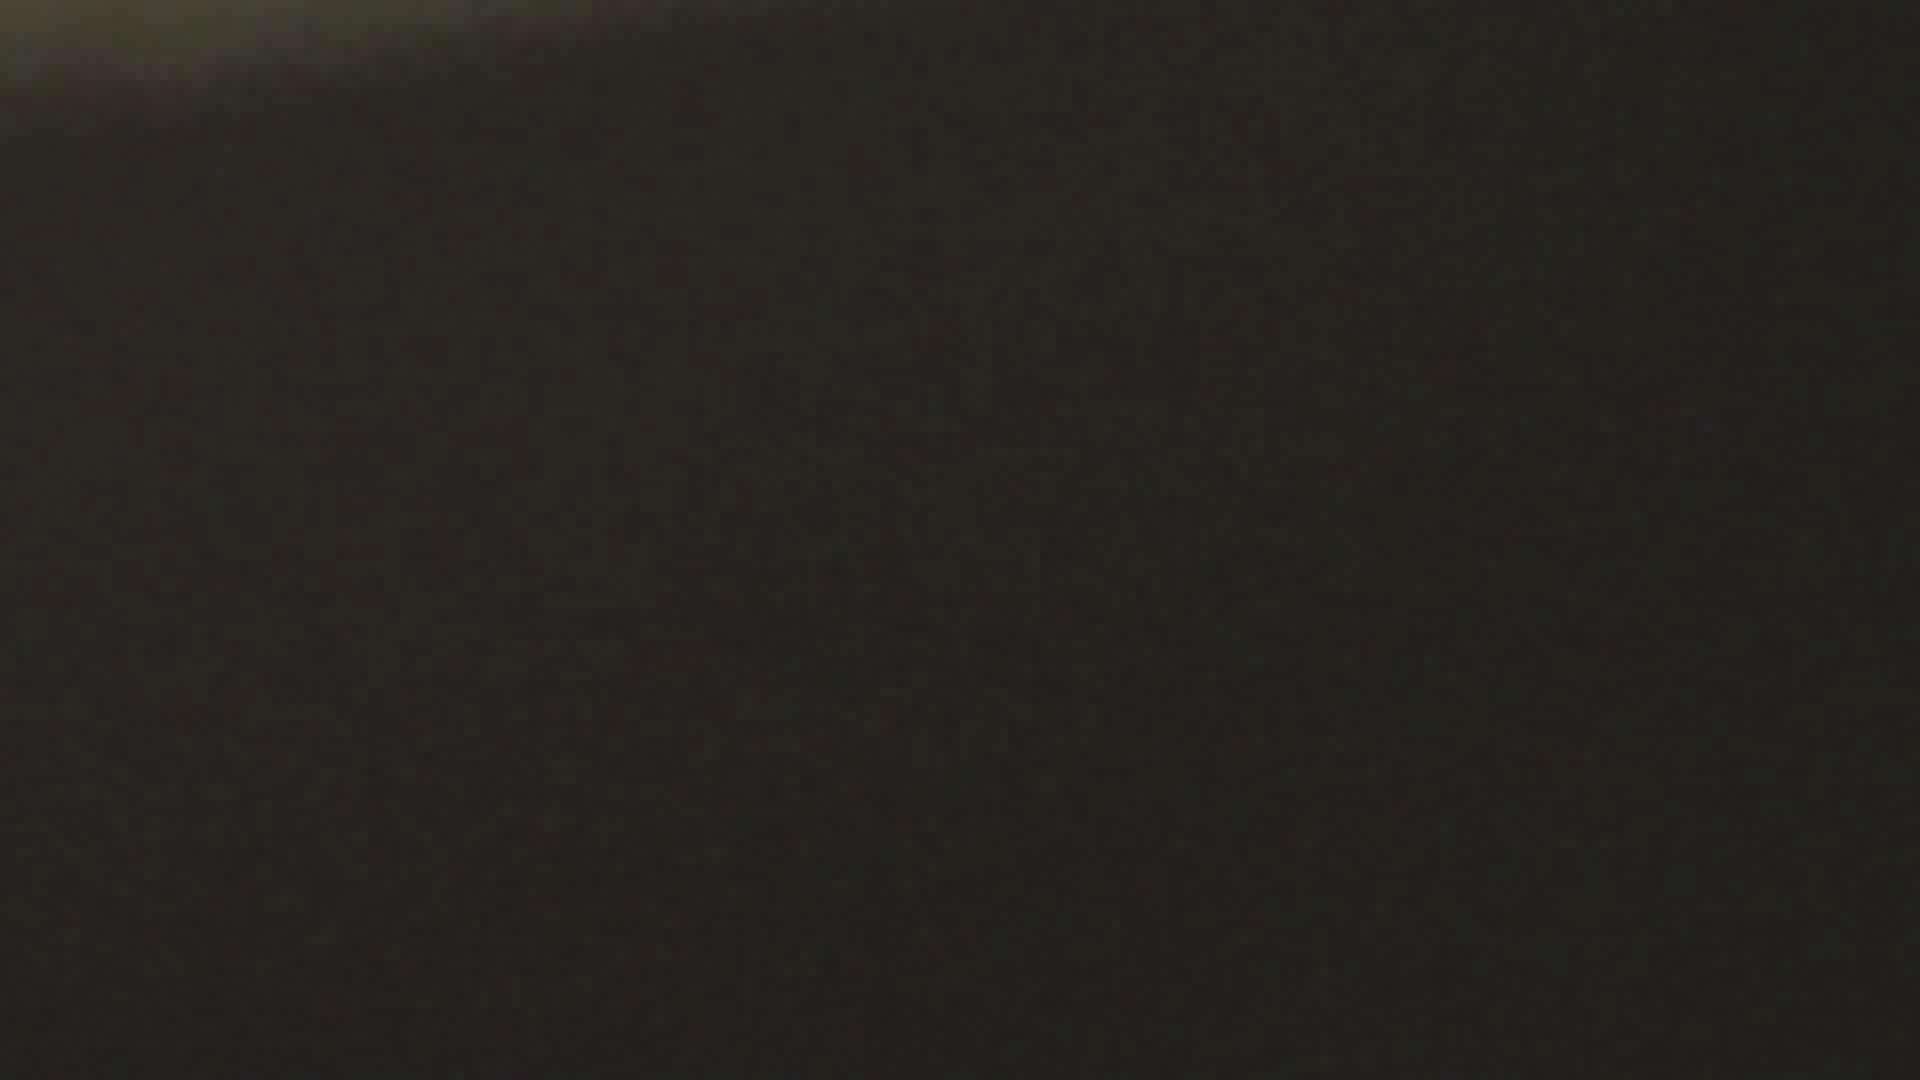 世界の射窓から ステーション編 vol.18 ゴン太 推定600g超過 エッチすぎるOL達 | 0  87連発 81